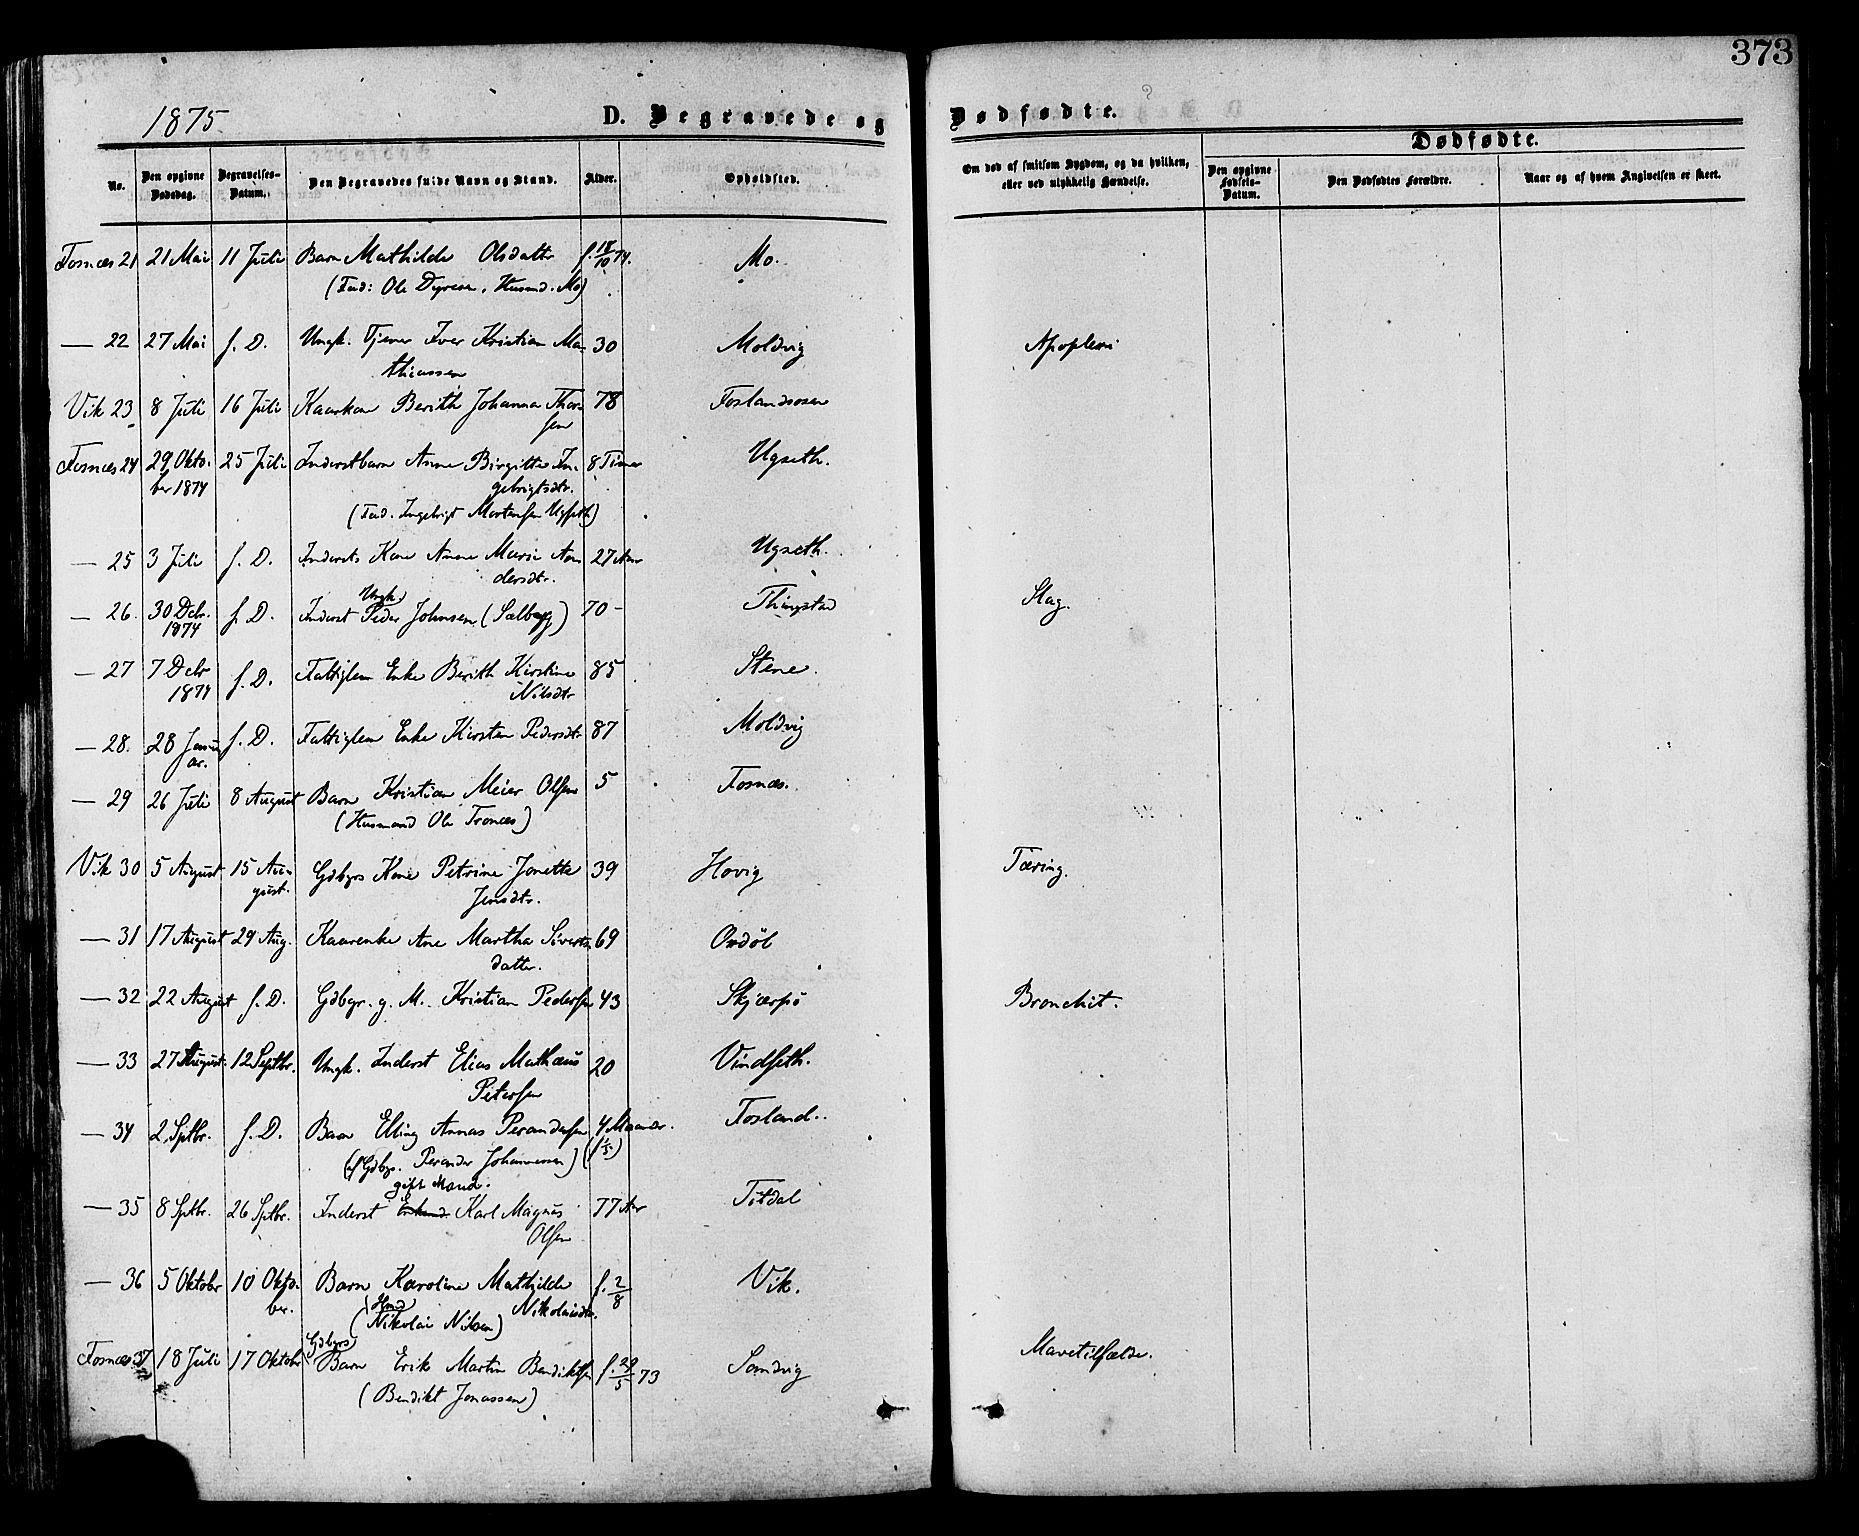 SAT, Ministerialprotokoller, klokkerbøker og fødselsregistre - Nord-Trøndelag, 773/L0616: Ministerialbok nr. 773A07, 1870-1887, s. 373